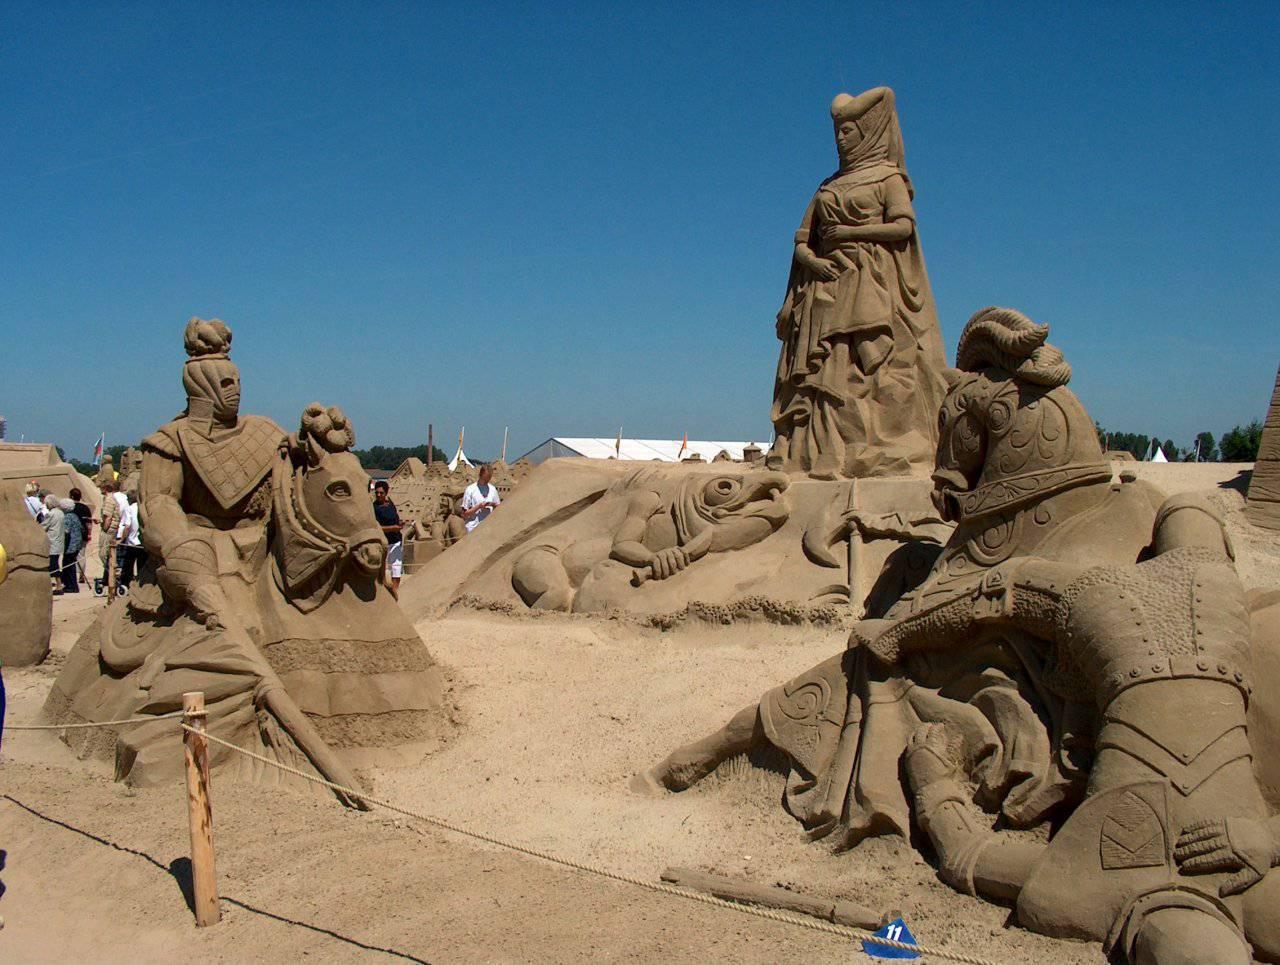 Rzeźby z piasku #5 20